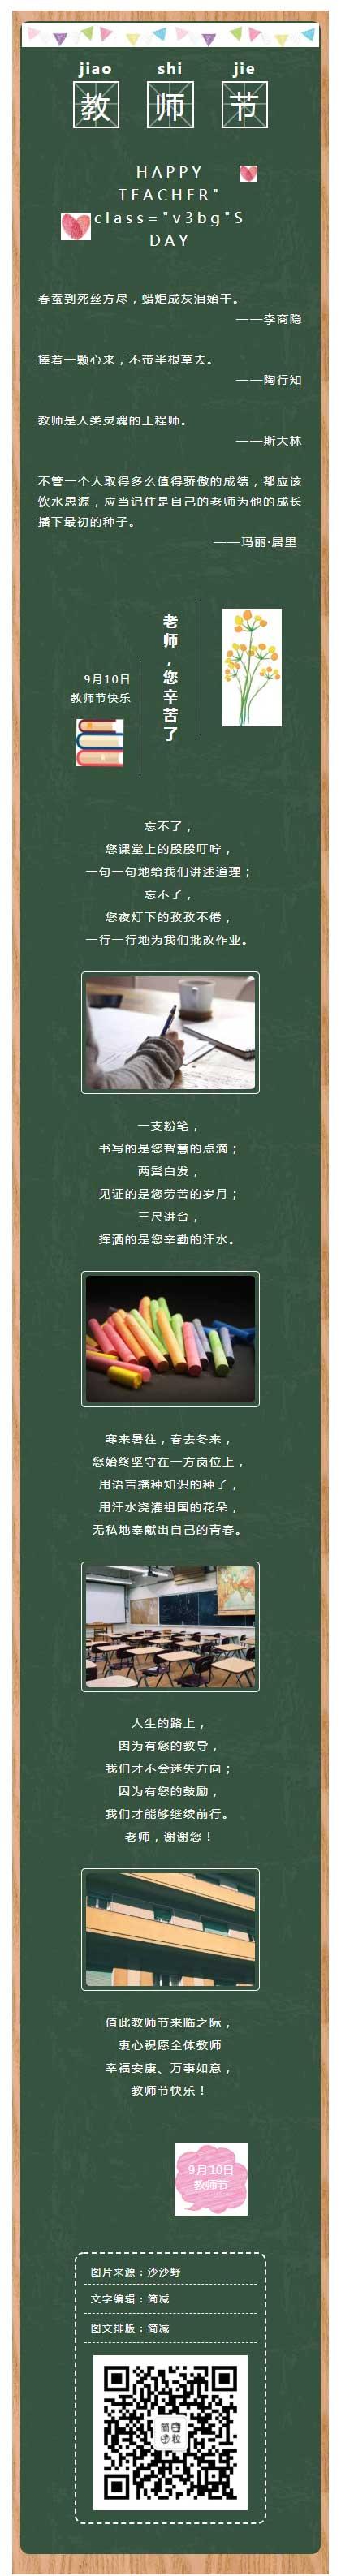 教师节快乐教育风格微信图文模板